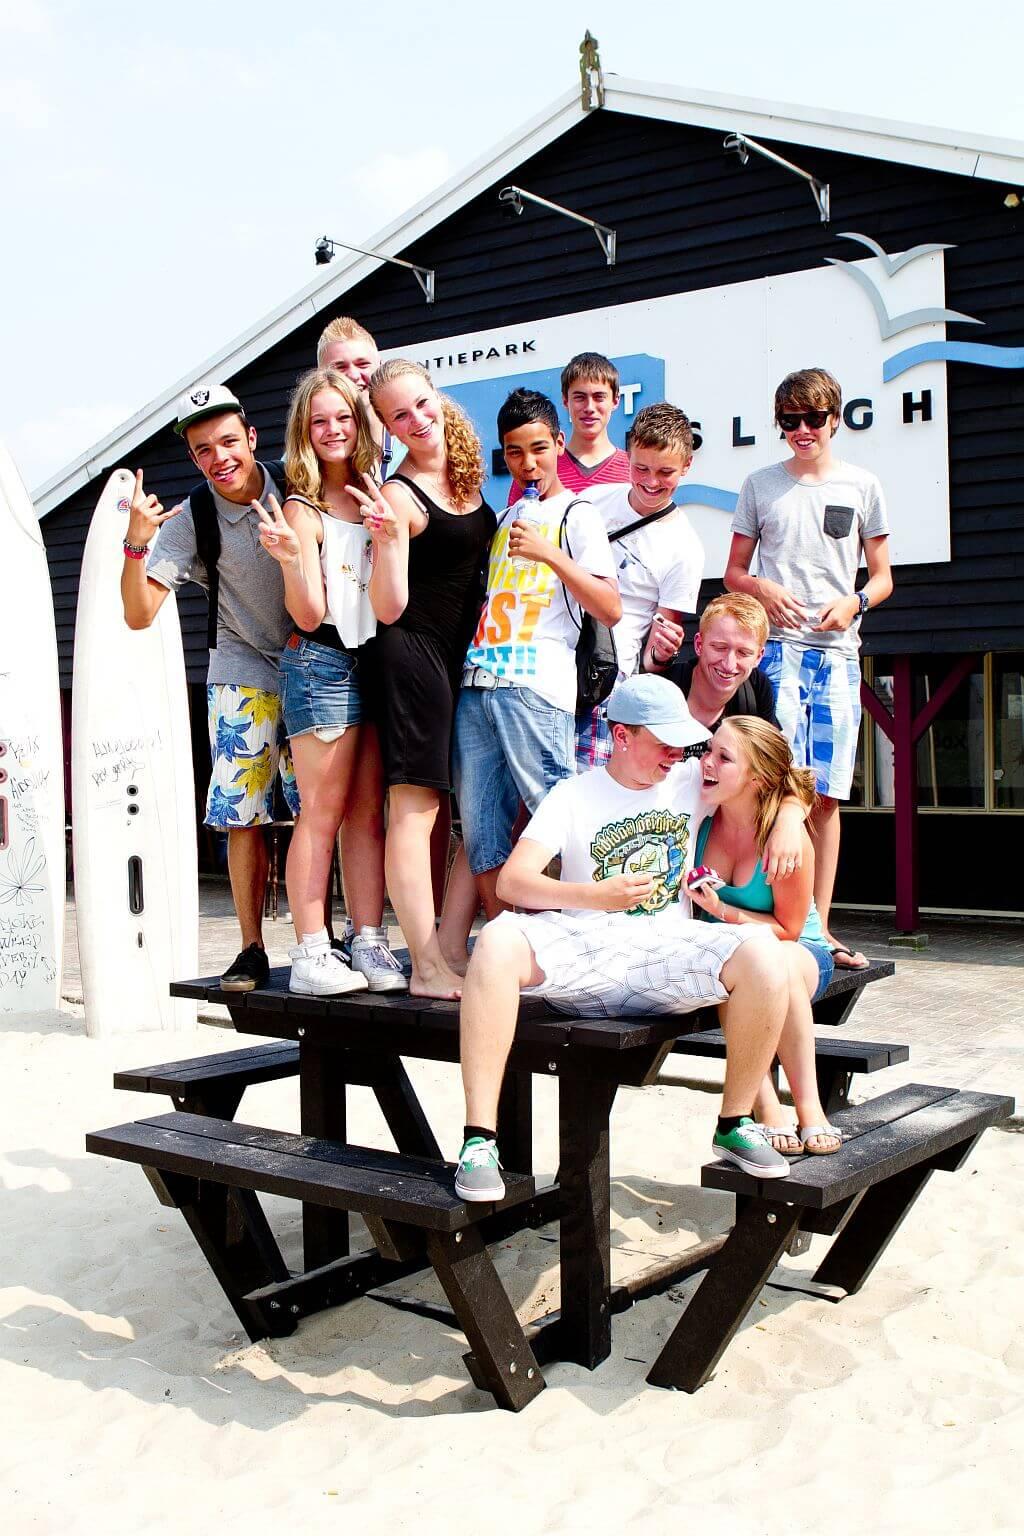 Freizeitaktivitäten für Jugendliche auf 5 Sterne Campingplatz -